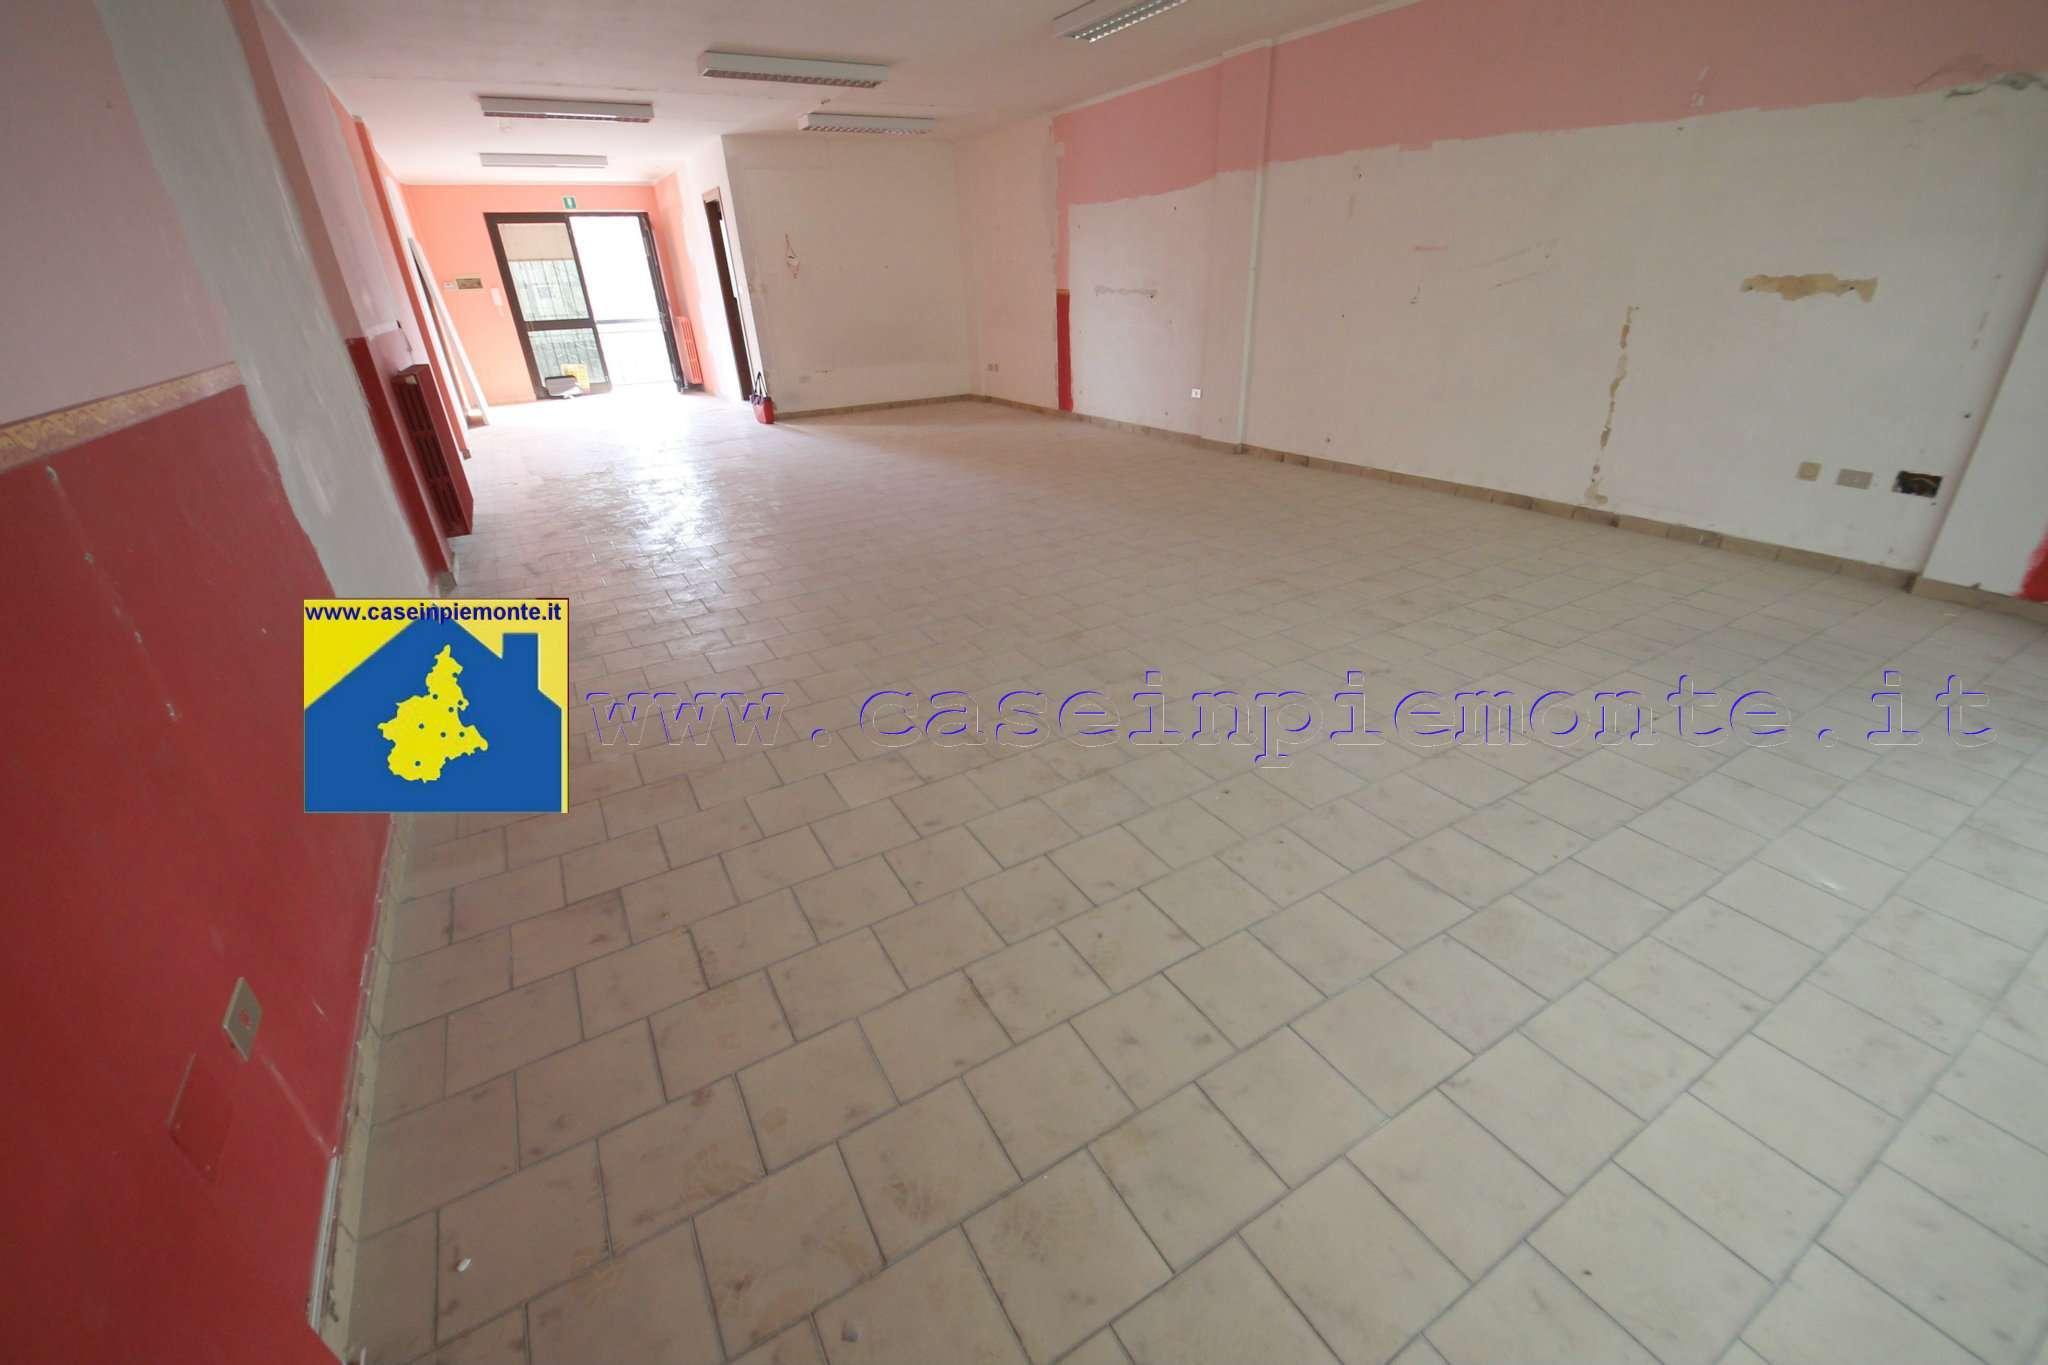 Ufficio / Studio in affitto a Rivoli, 1 locali, prezzo € 550 | PortaleAgenzieImmobiliari.it